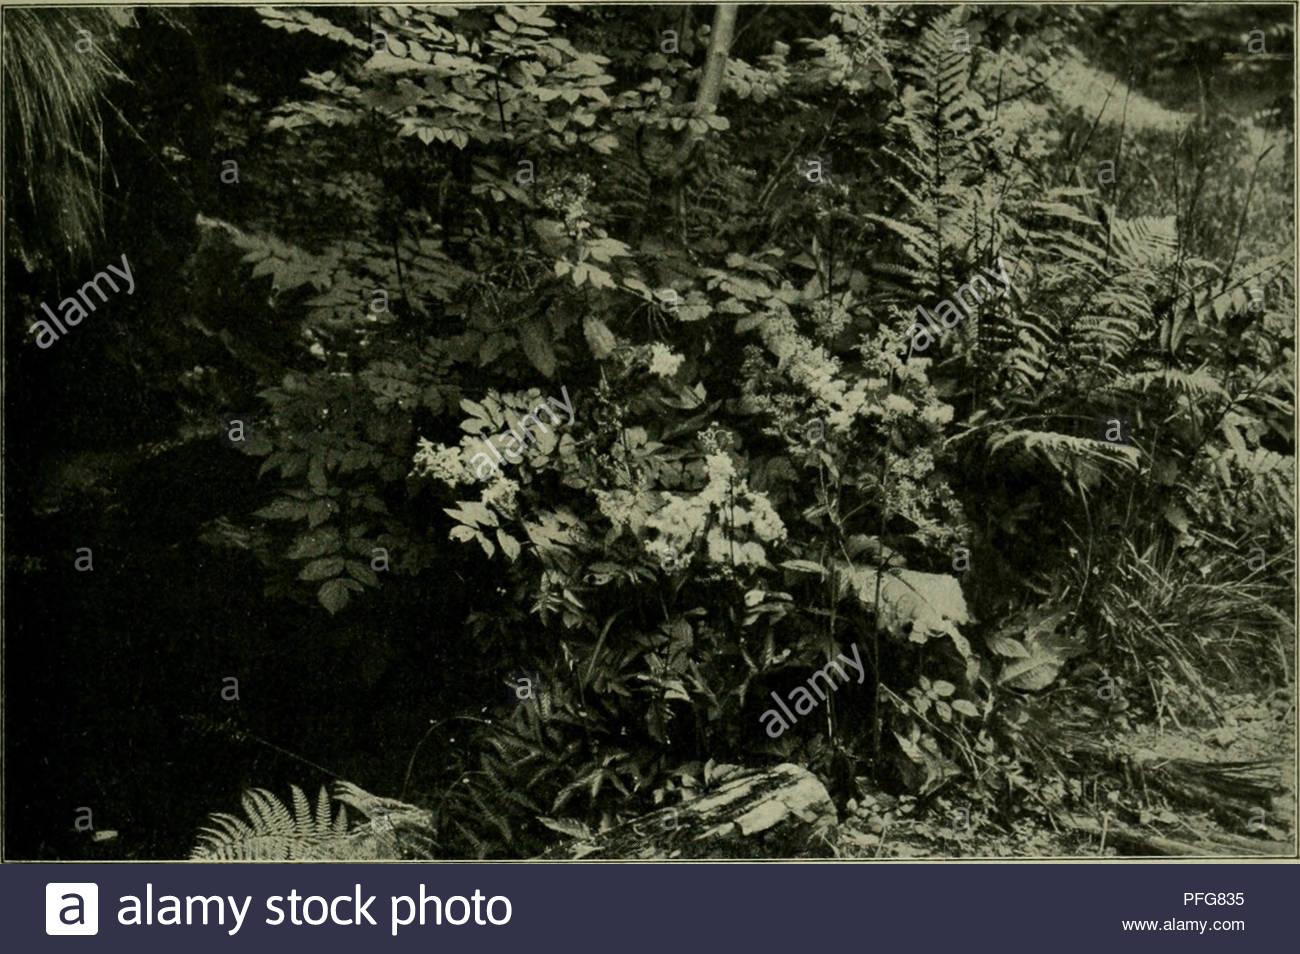 das leben der pflanze plants plants plants phytogeography 2tc pfkangen 101 5rtiingfeibefraut gepflanzt roerben gallna vulu is erb tteibefraut rcitft in srengen bie fr ie eigentmlid finb ju rcilb unb bringt groe nttufcungen nefalb id bei allen gartenmigen sirfungen oon itr abrate 3lte genannten niebrig teppicartigen pftanjen finb grnlich bi frifdgrn im egen a su ben beiben folgenben 2lrten e ift aber nidtig bie fnliden arben= maffen ufammensualten alfo grnliche unb raeitice nict burceinanber u pflanjen iere raeilicl PFG835